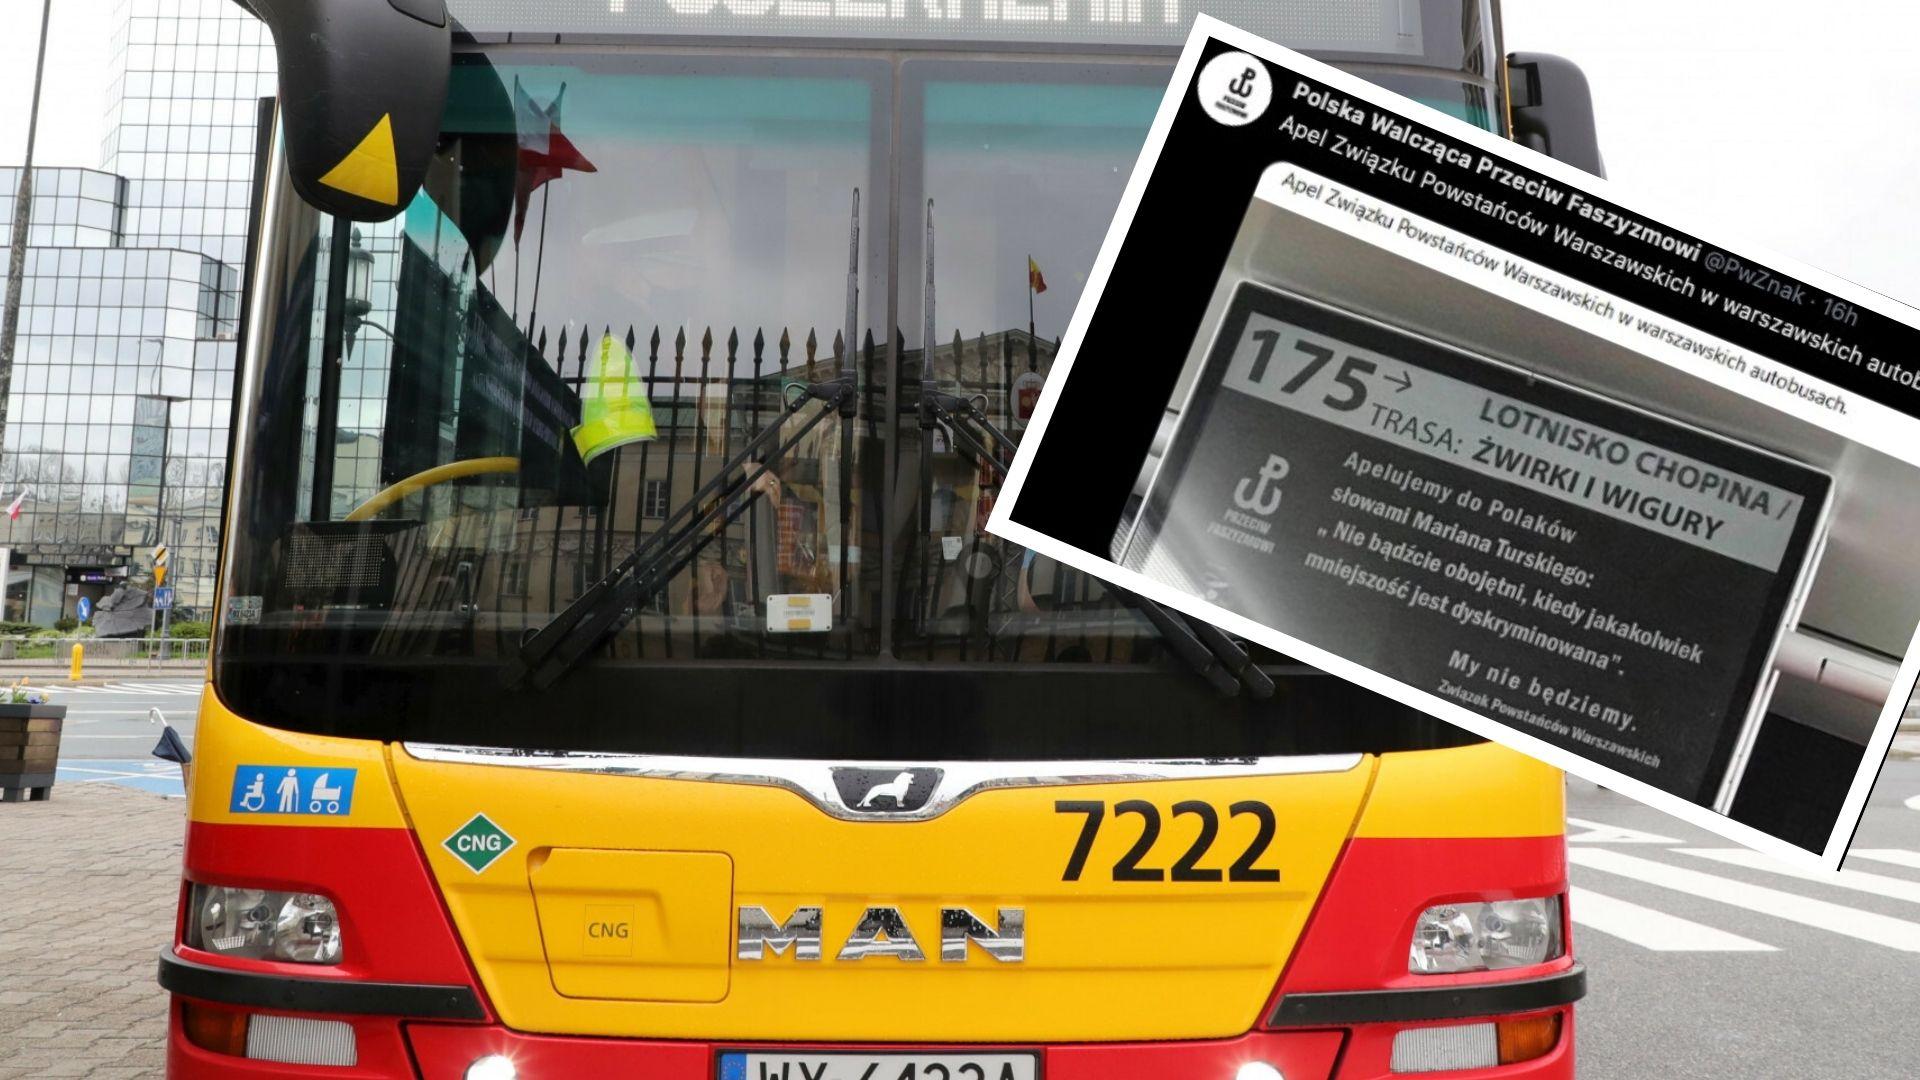 W warszawskich autobusach pojawił się komunikat w związku z nadchodzącą rocznicą Powstania Warszawskiego